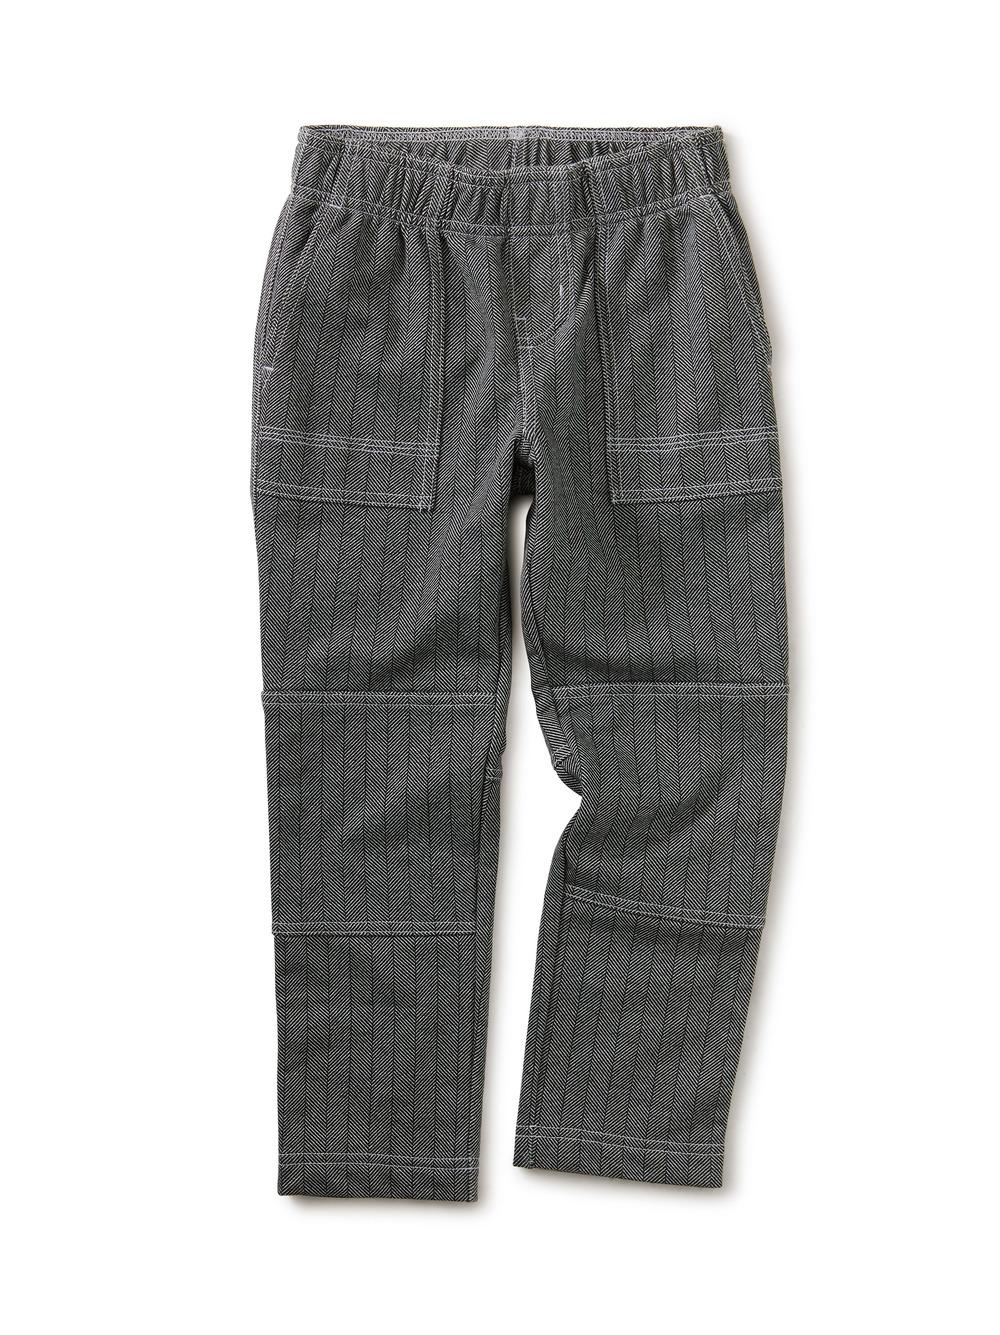 Printed Playwear Pants